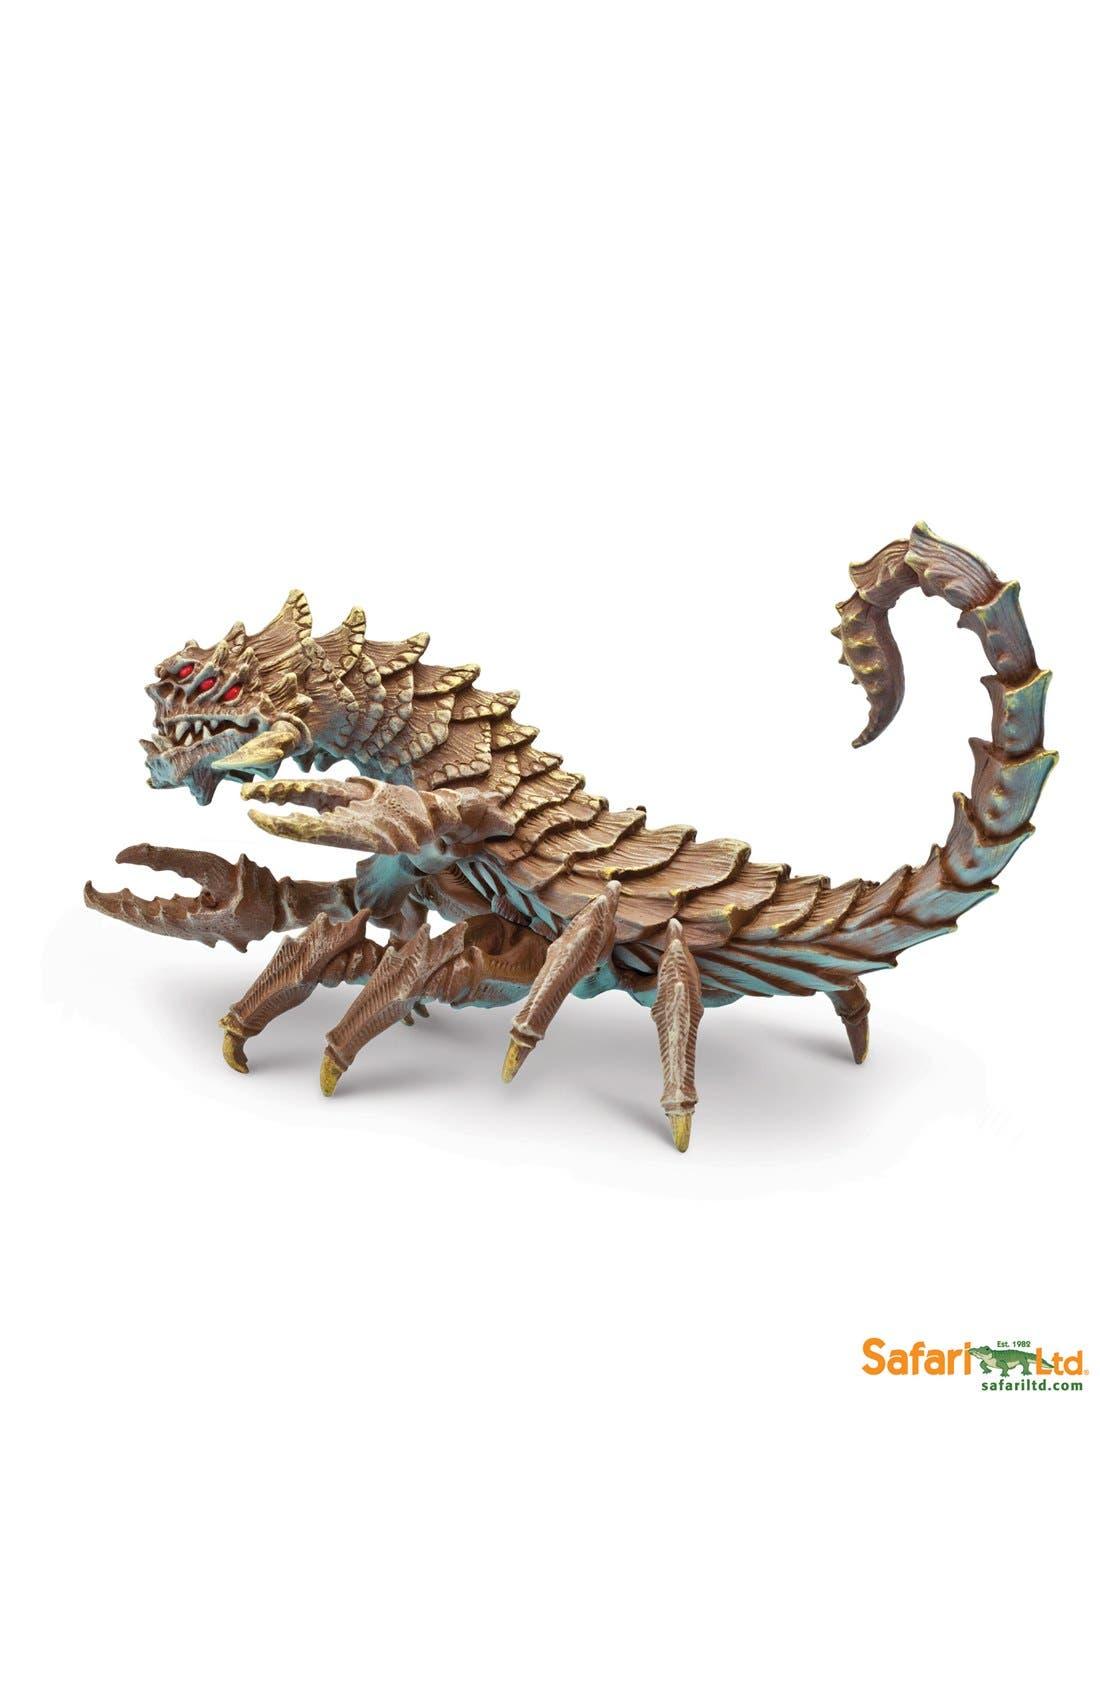 Safari Ltd. Desert Dragon Figurine